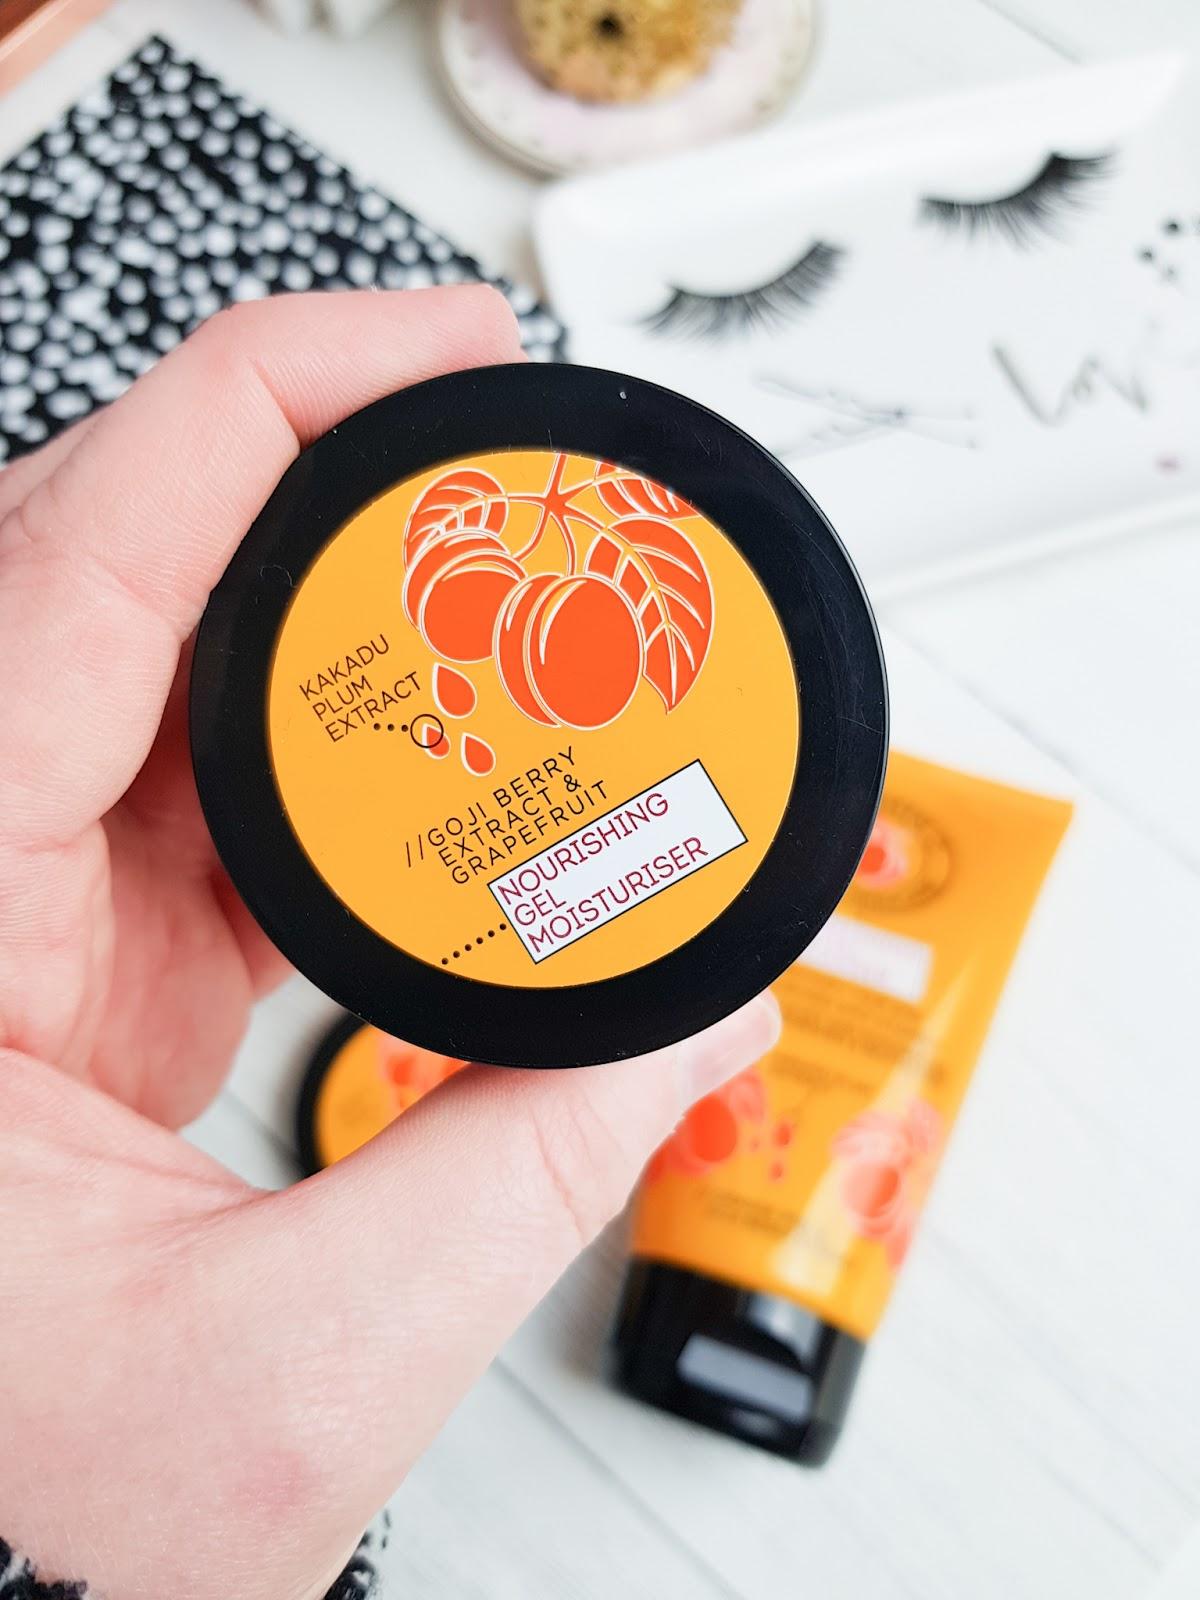 Superdrug Vitamin C Skincare NEW Range Gel Moisturiser